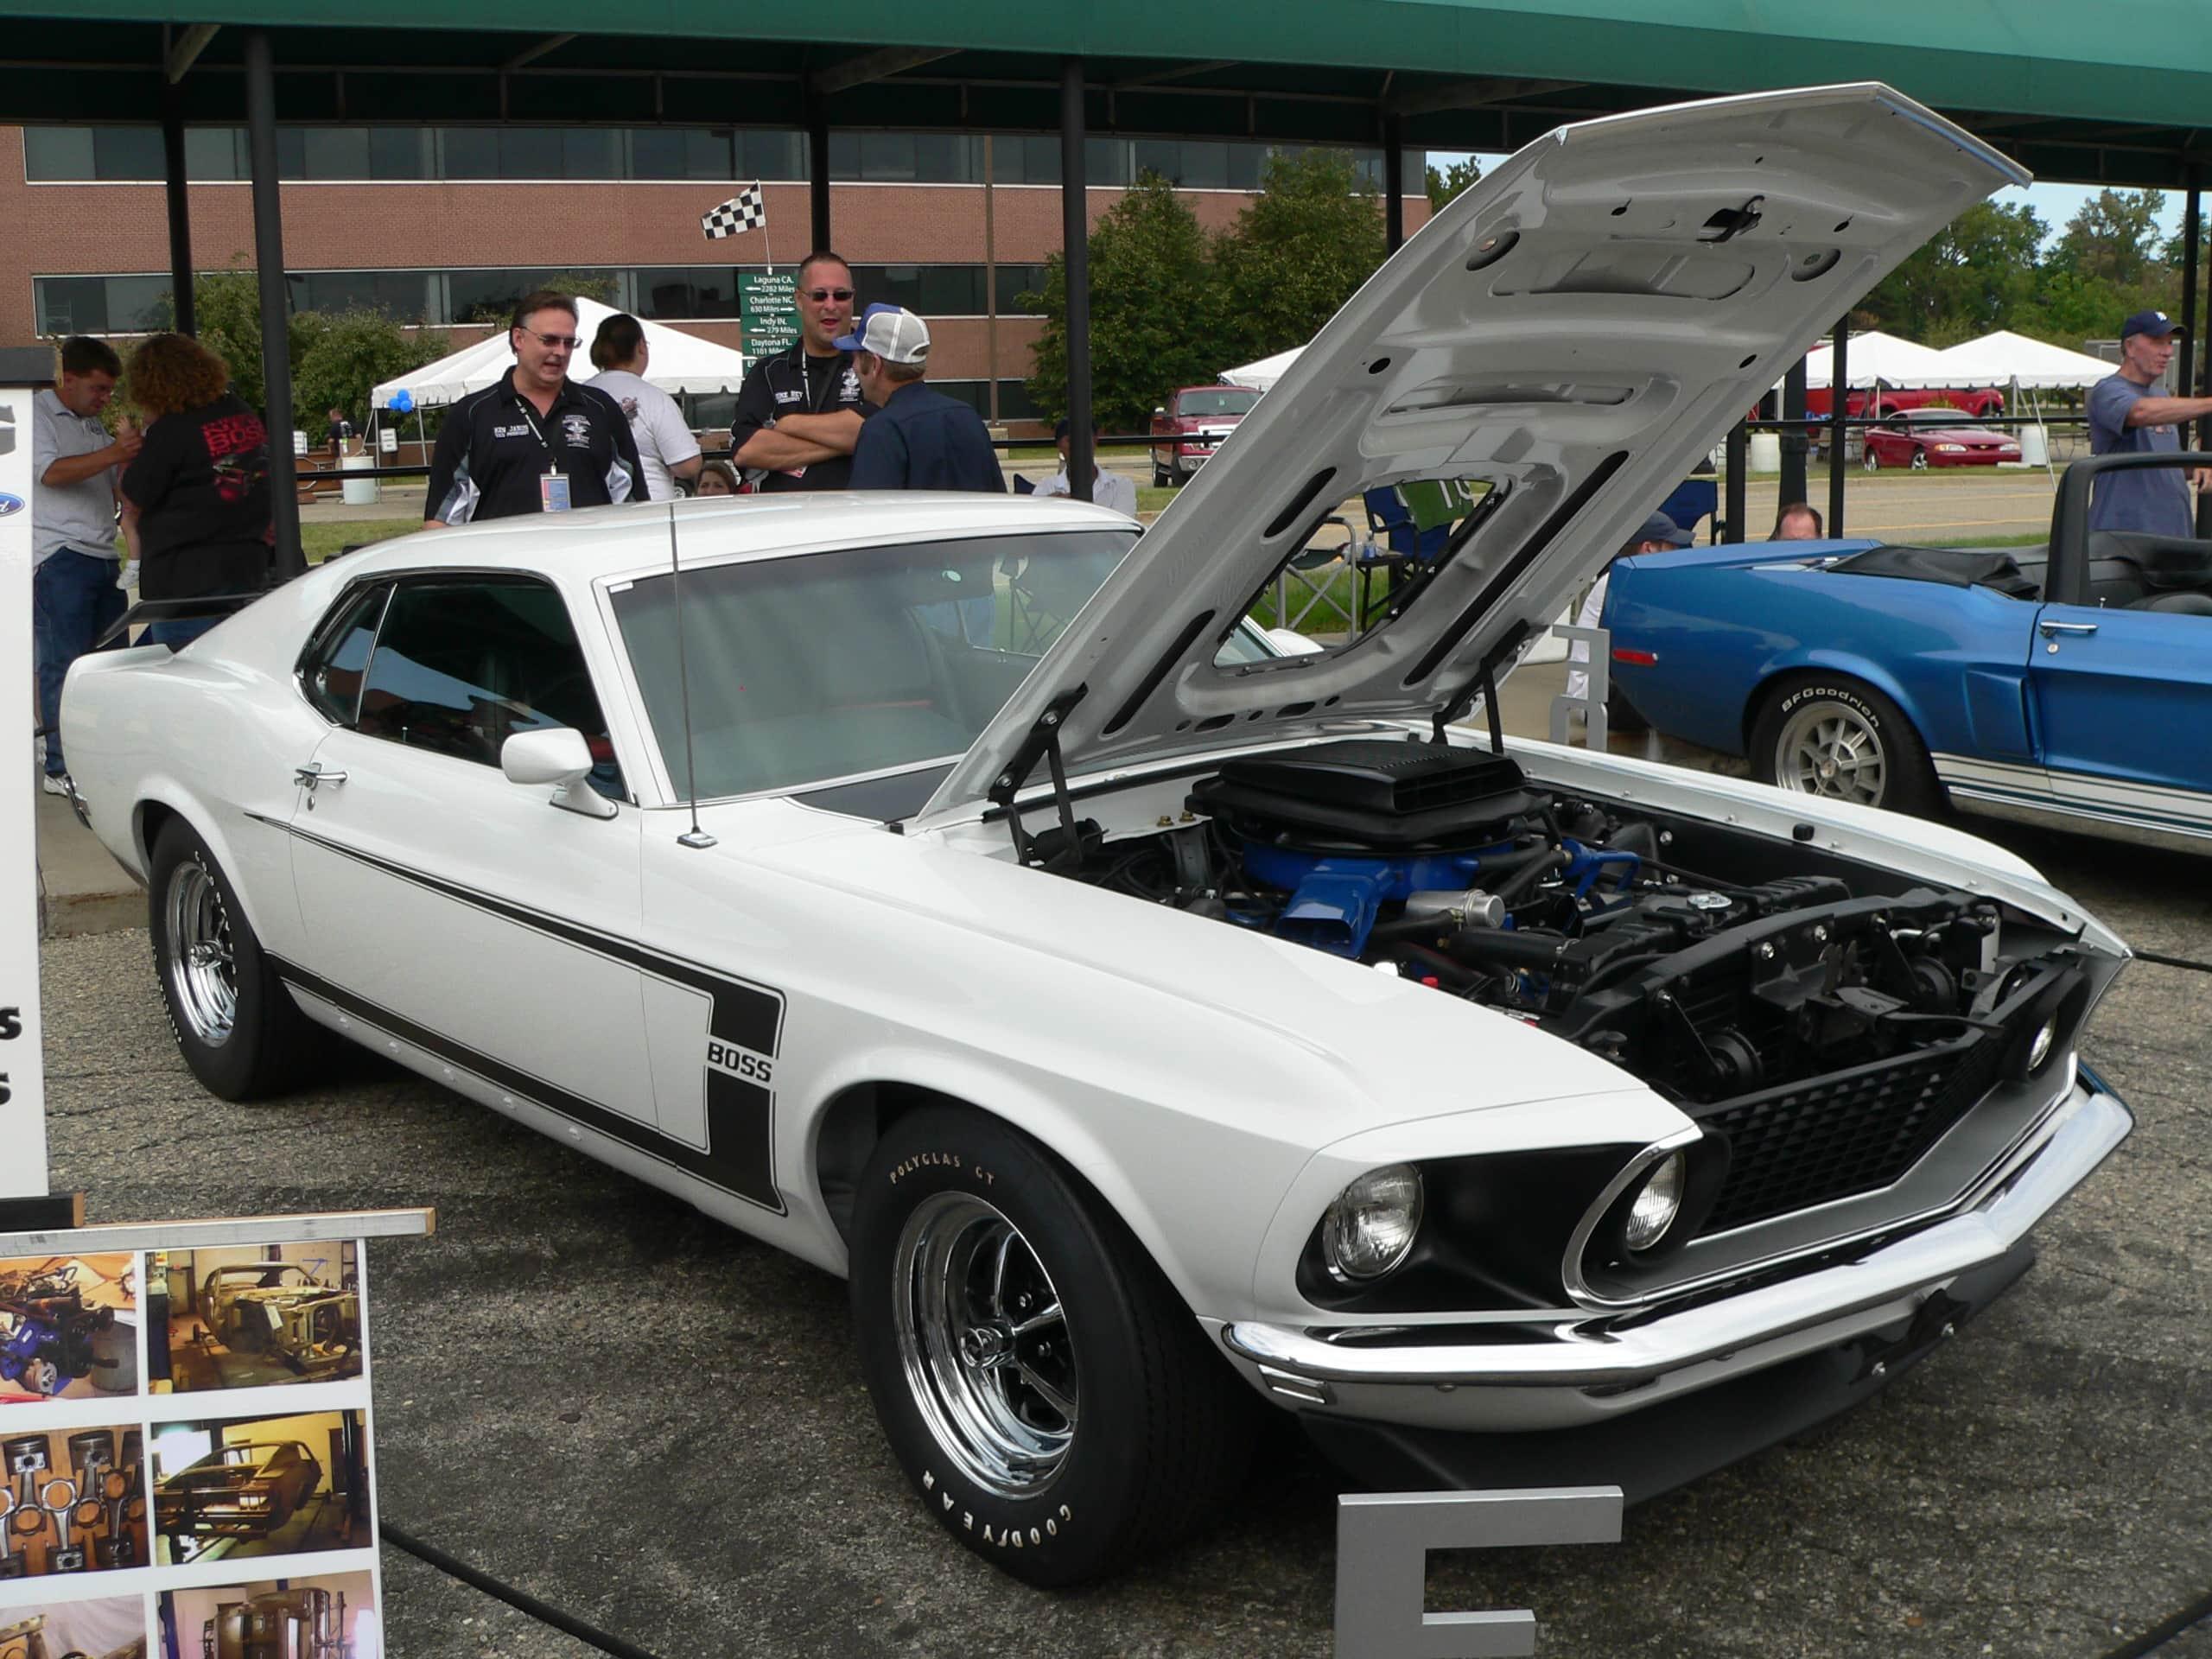 Zanimljivost dana: Kako je pronađen originalni prototip model Ford Mustang Boss 302